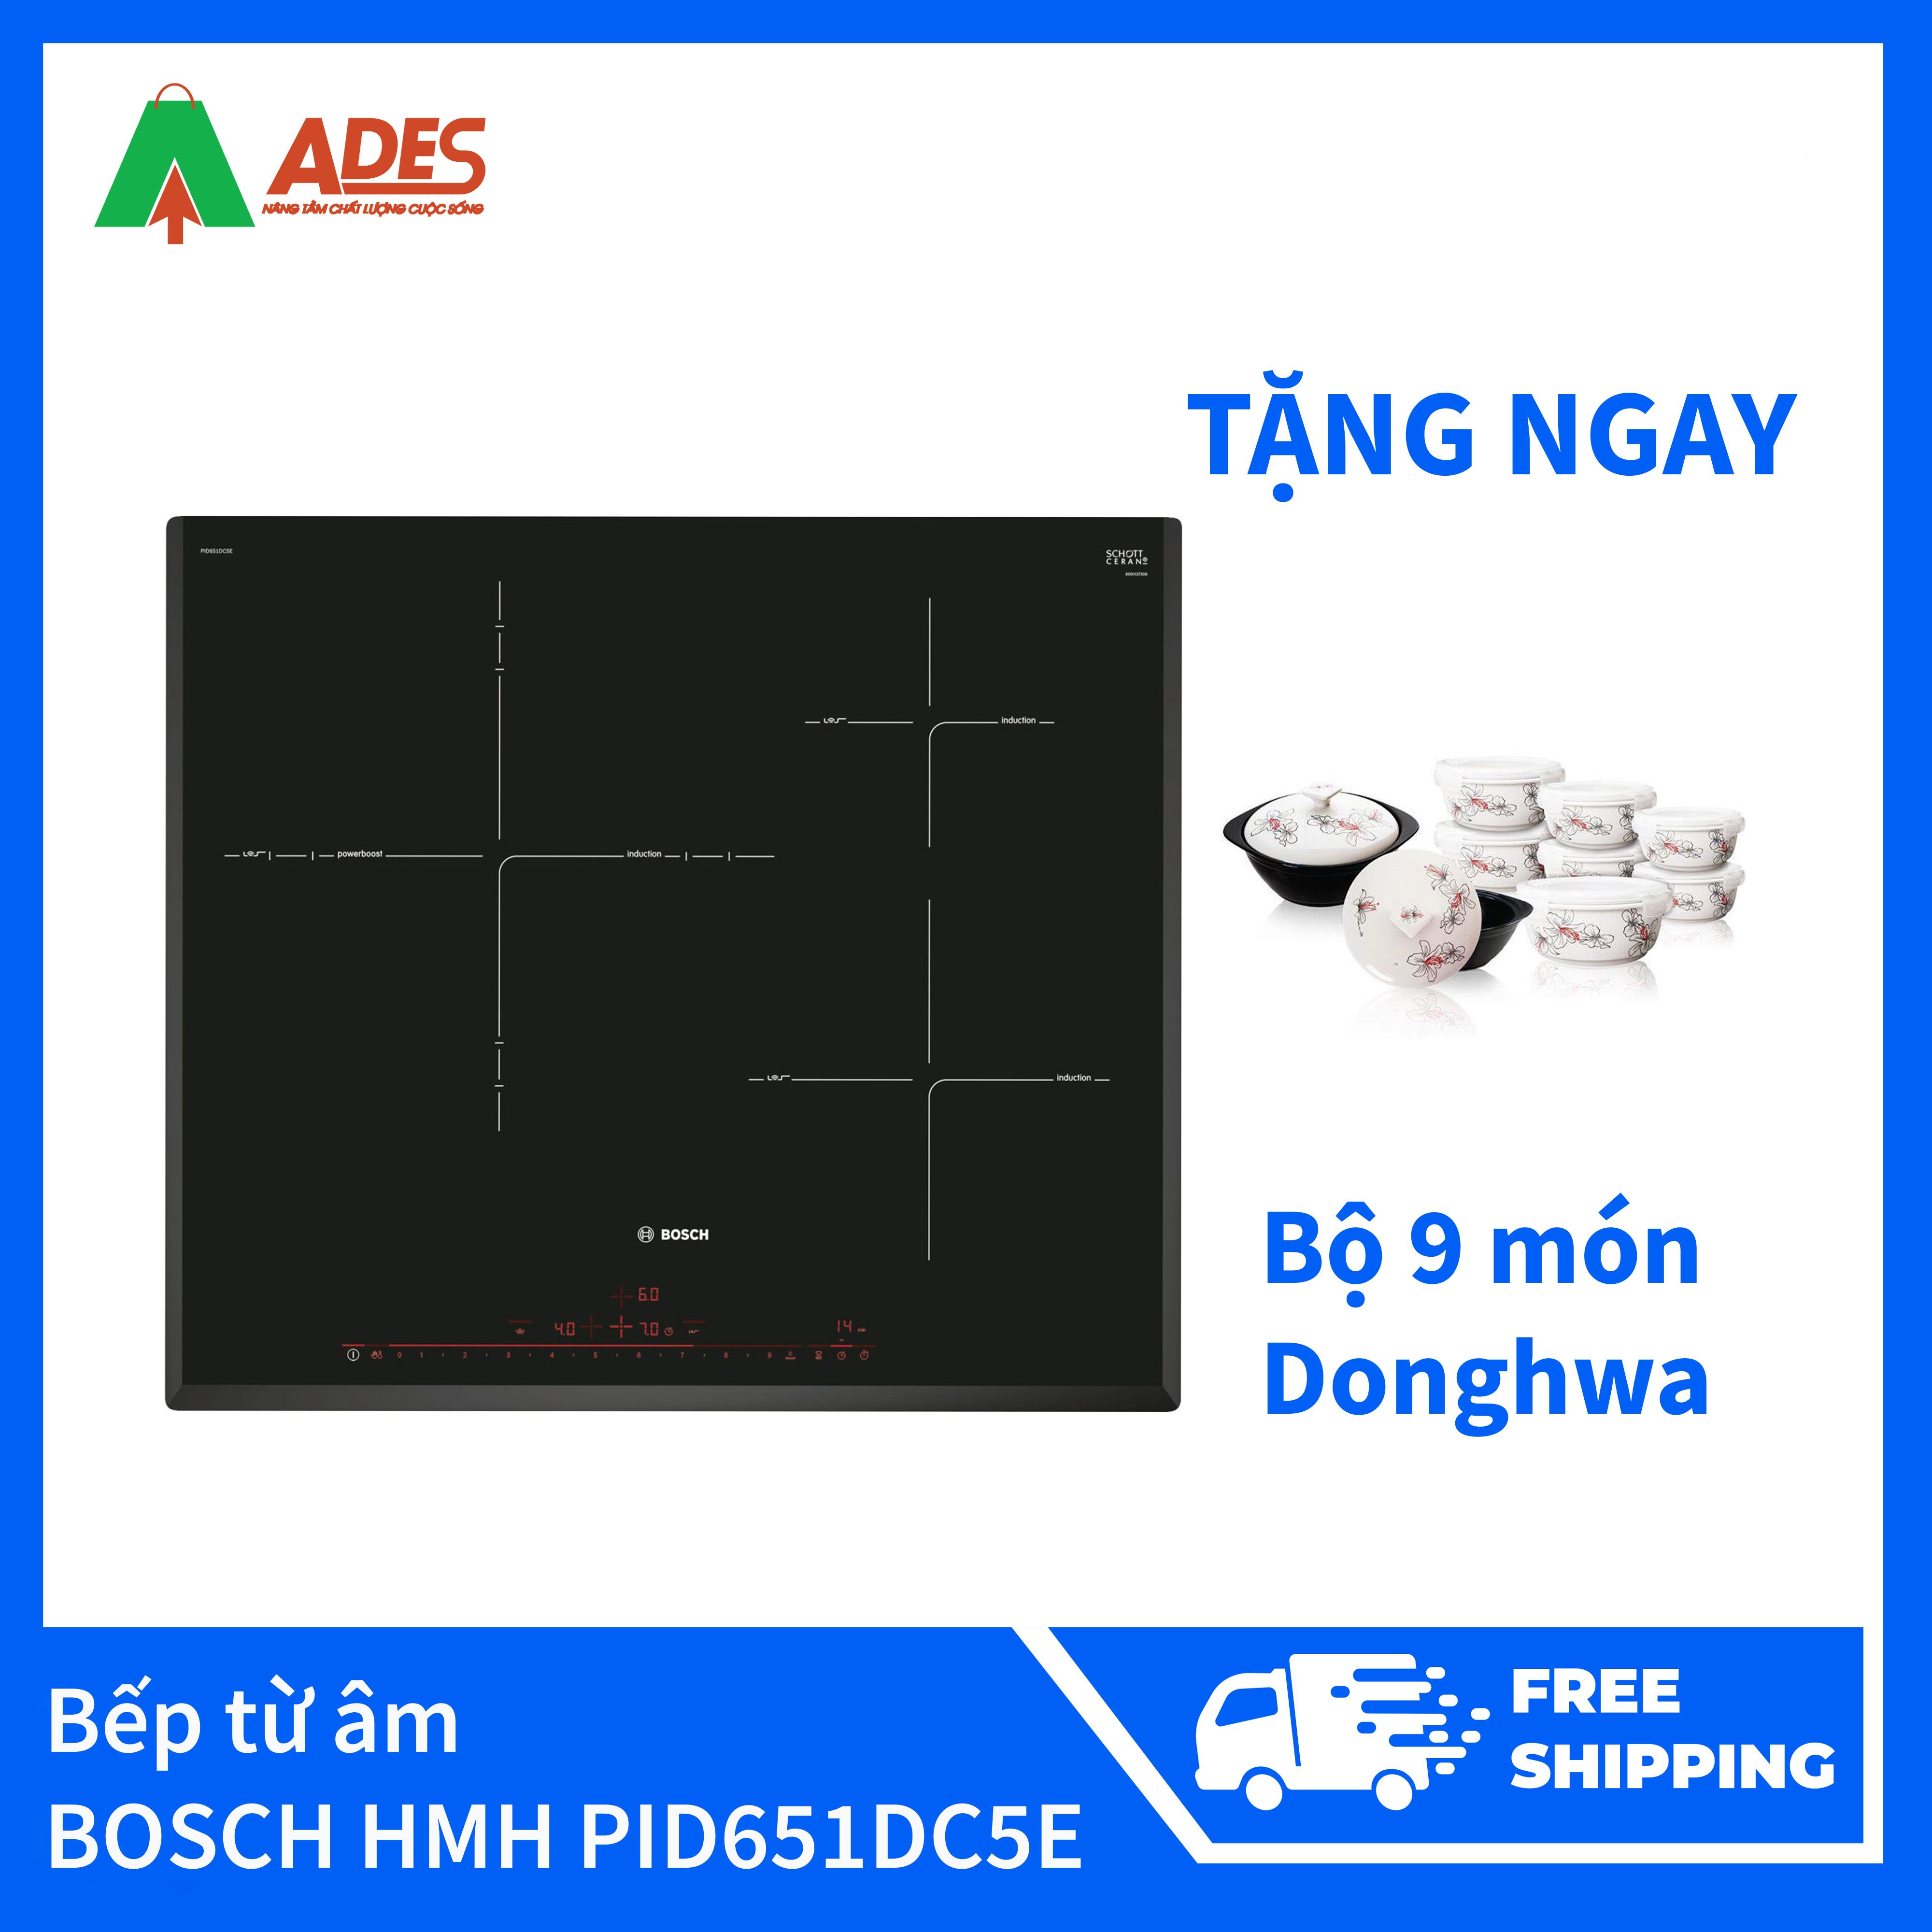 Bếp từ âm Bosch HMH.PID651DC5E: Mua bán trực tuyến Bếp điện với giá rẻ